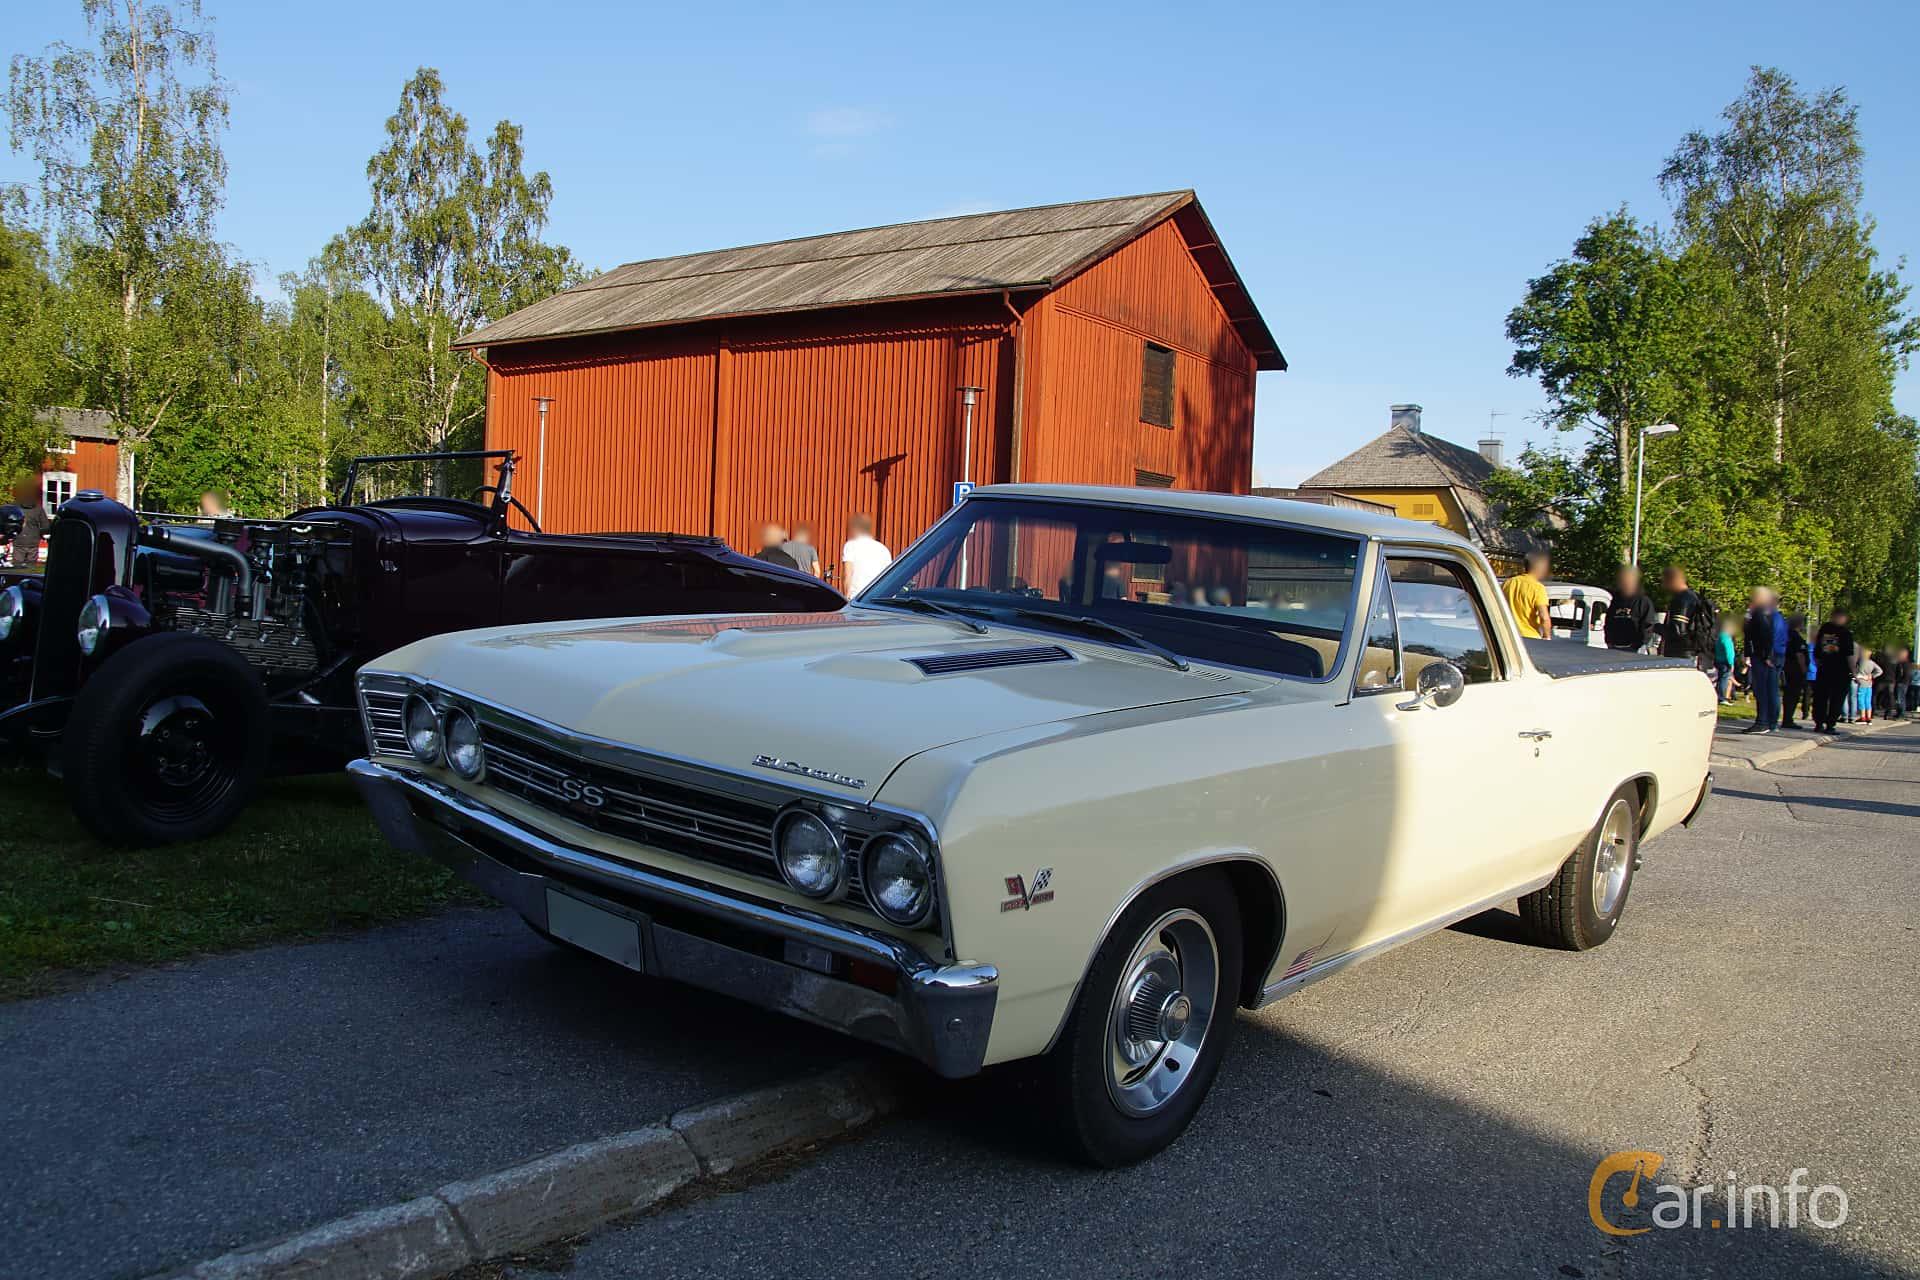 Chevrolet El Camino 6.5 V8 Powerglide, 329hp, 1967 at Onsdagsträffar på Gammlia Umeå 2019 vecka 28